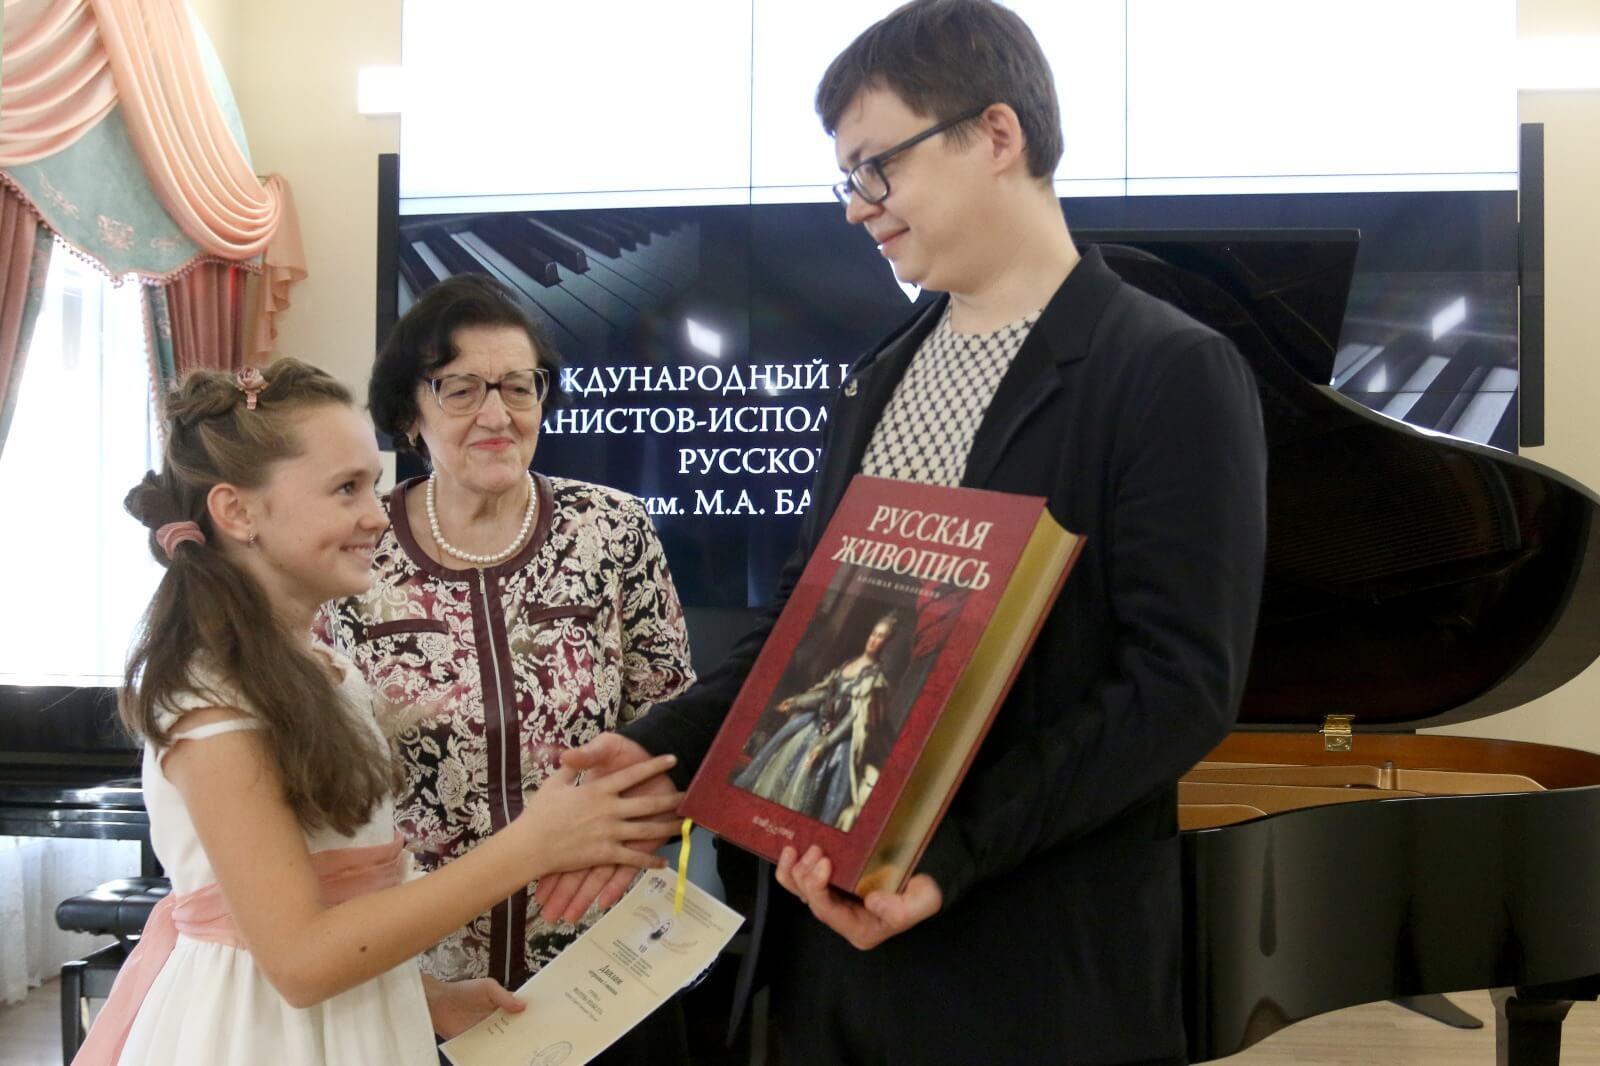 Международный конкурс пианистов-исполнителей русской музыки им. М.А. Балакирева пройдет при поддержке РМС